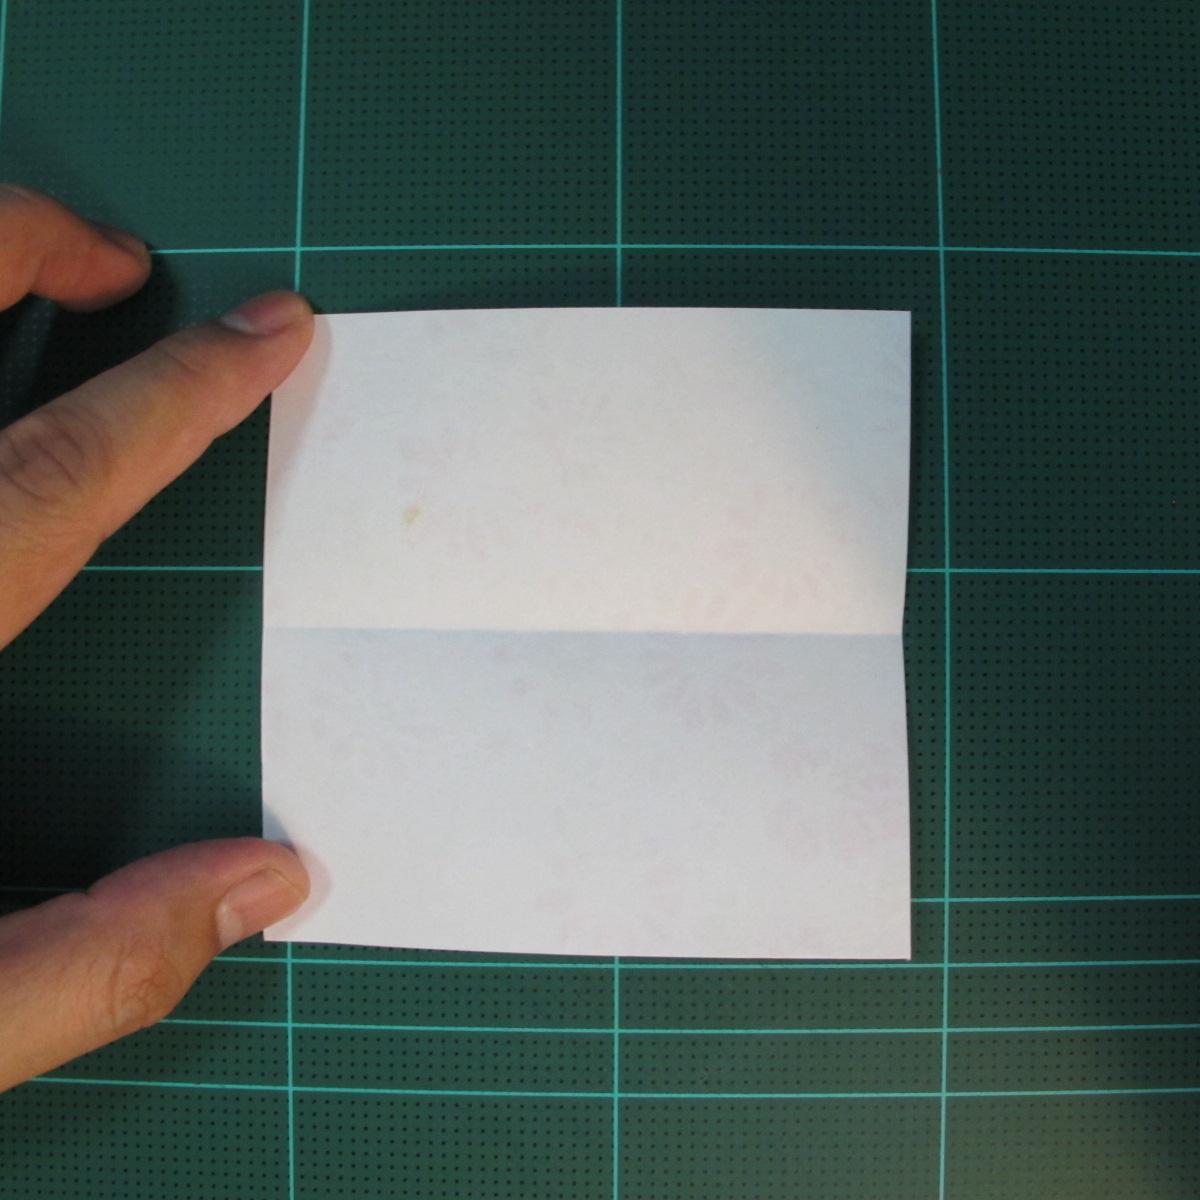 การพับกระดาษเป็นรูปเรขาคณิตทรงลูกบาศก์แบบแยกชิ้นประกอบ (Modular Origami Cube) 003